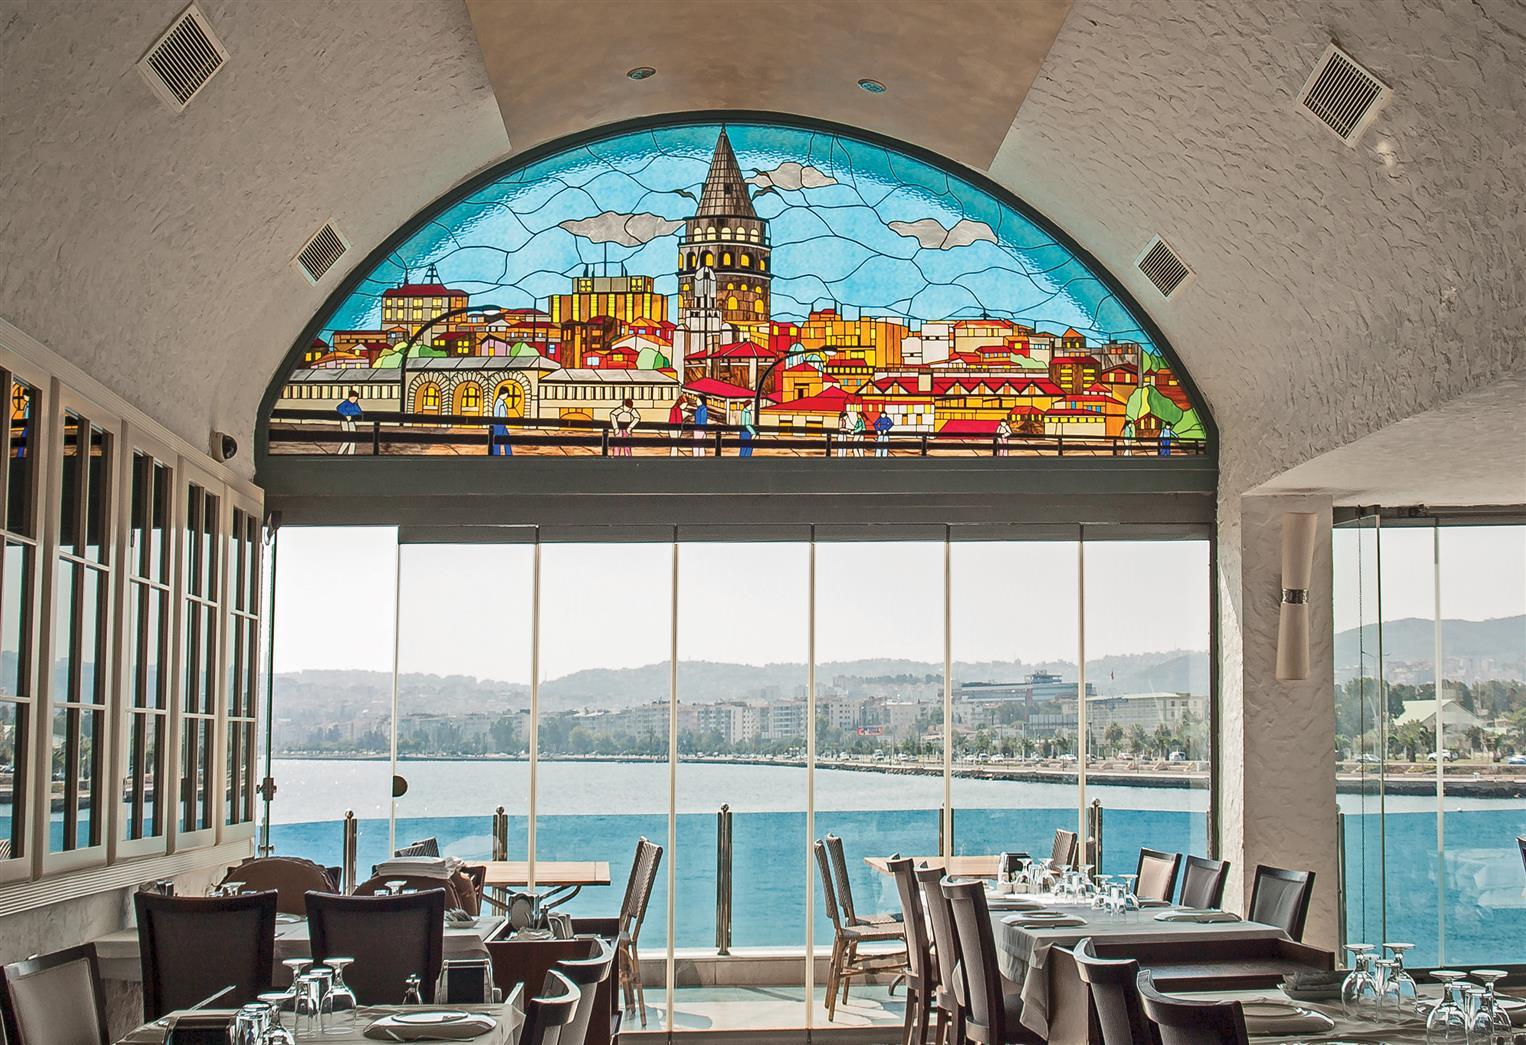 bogazici-restaurant-uckuyular2017122220557187.jpg izmir vitray çalışması